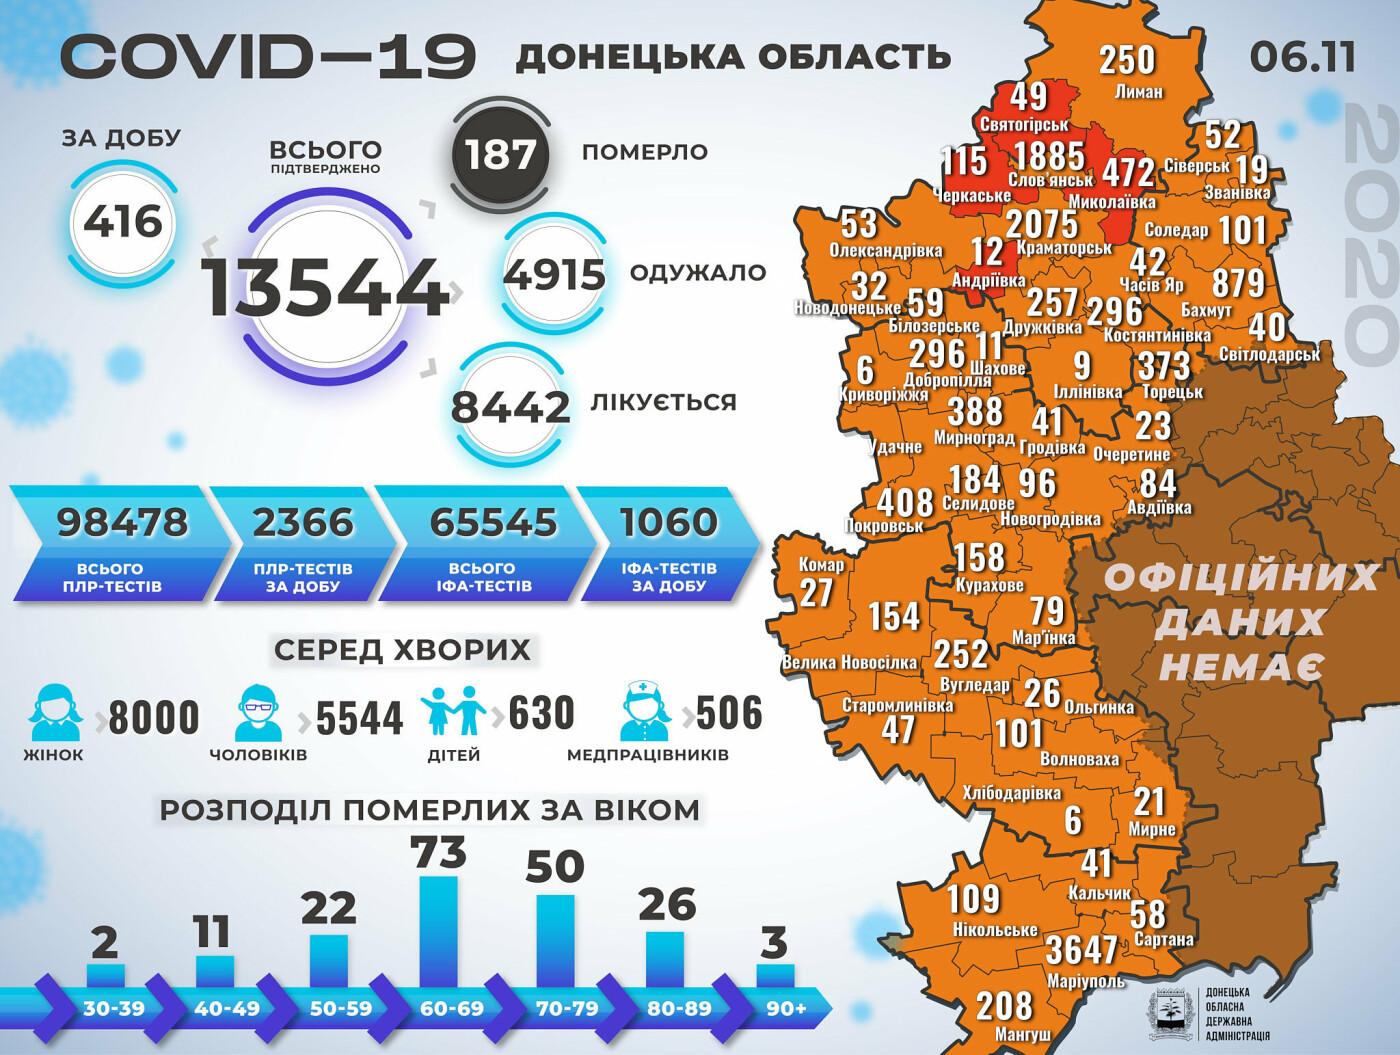 В Донецкой области за сутки 3 смерти от коронавируса, 416 новых случаев, фото-1